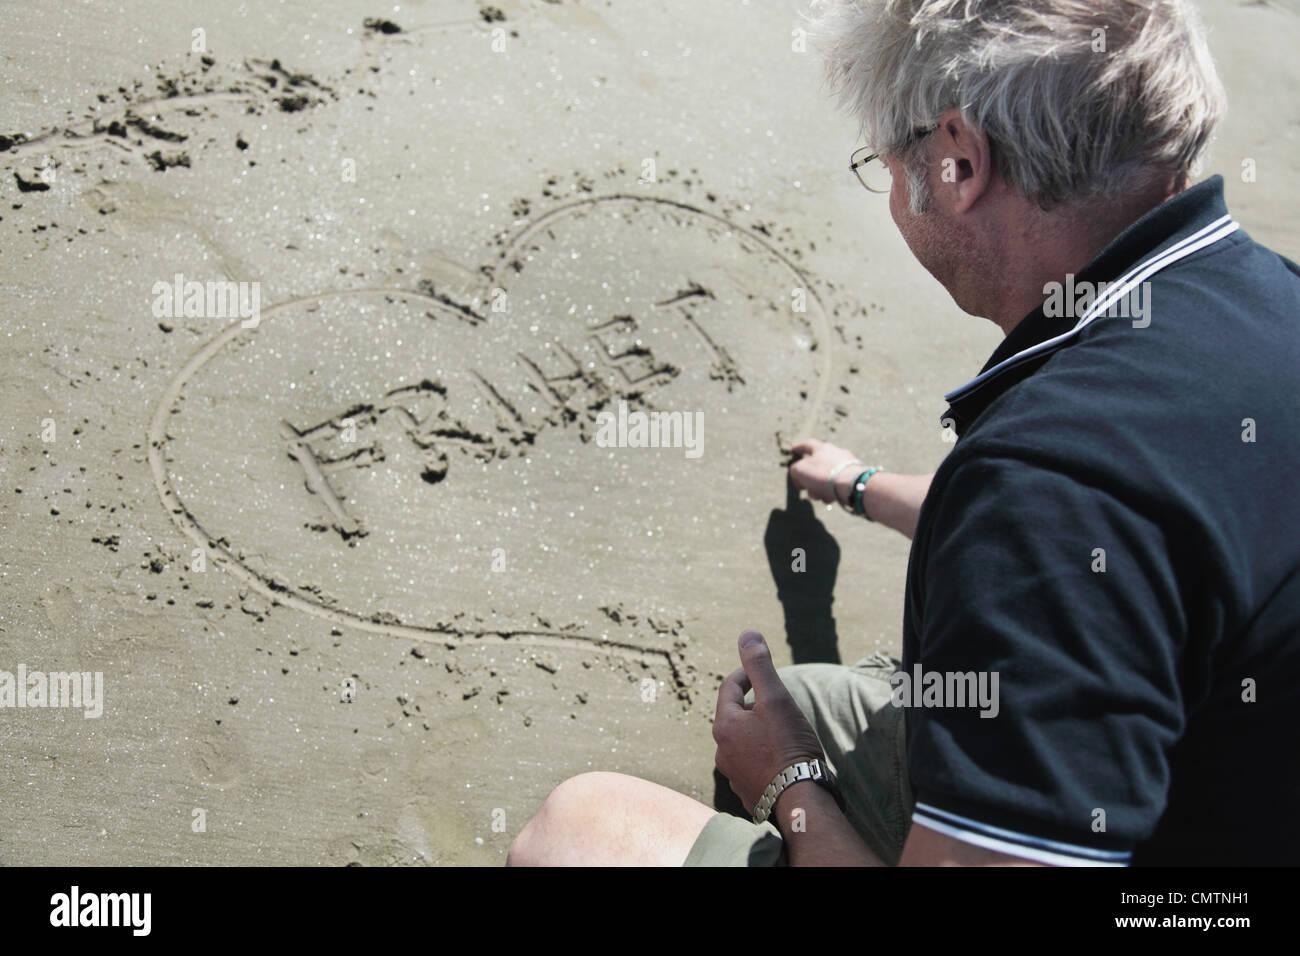 Elevato angolo di visione dell'uomo cuore di disegno sulla sabbia Immagini Stock